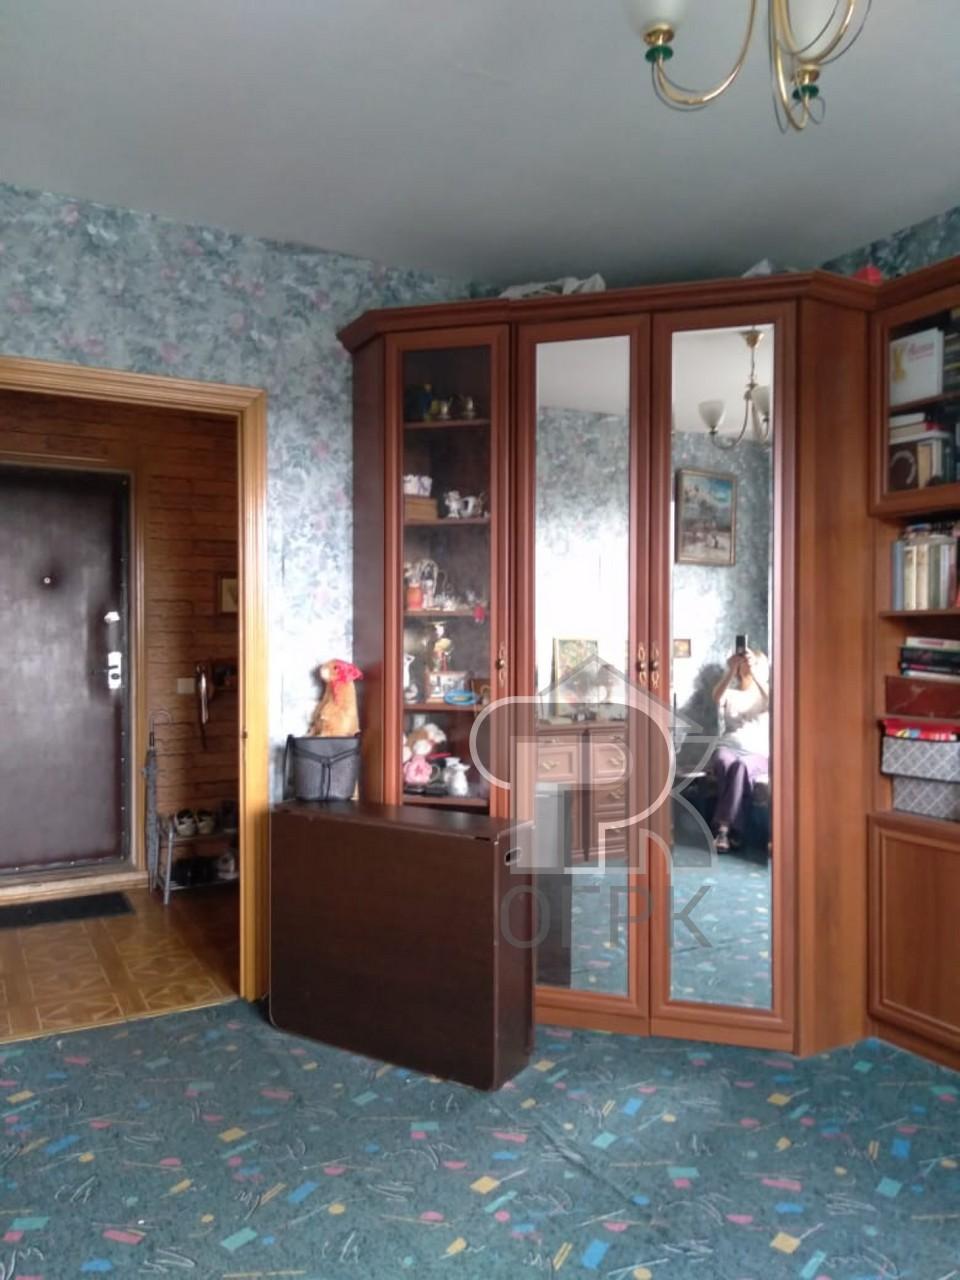 Купить 2-комнатную квартиру, город Москва, Москва, ул. Грина, д.1к.3, №328001